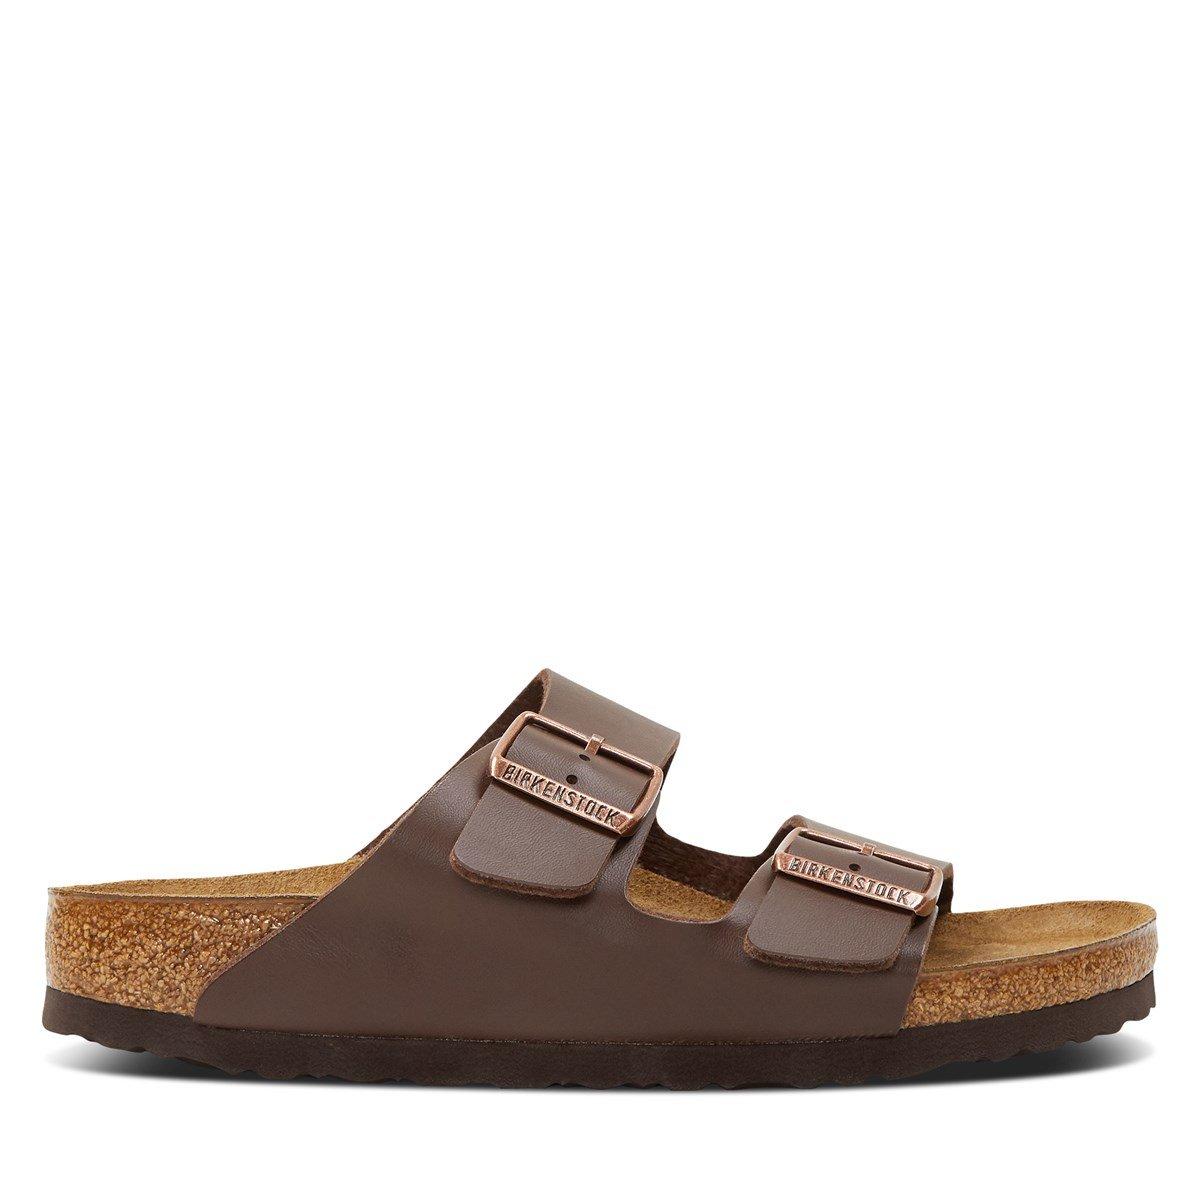 Women's Arizona Sandals in Brown